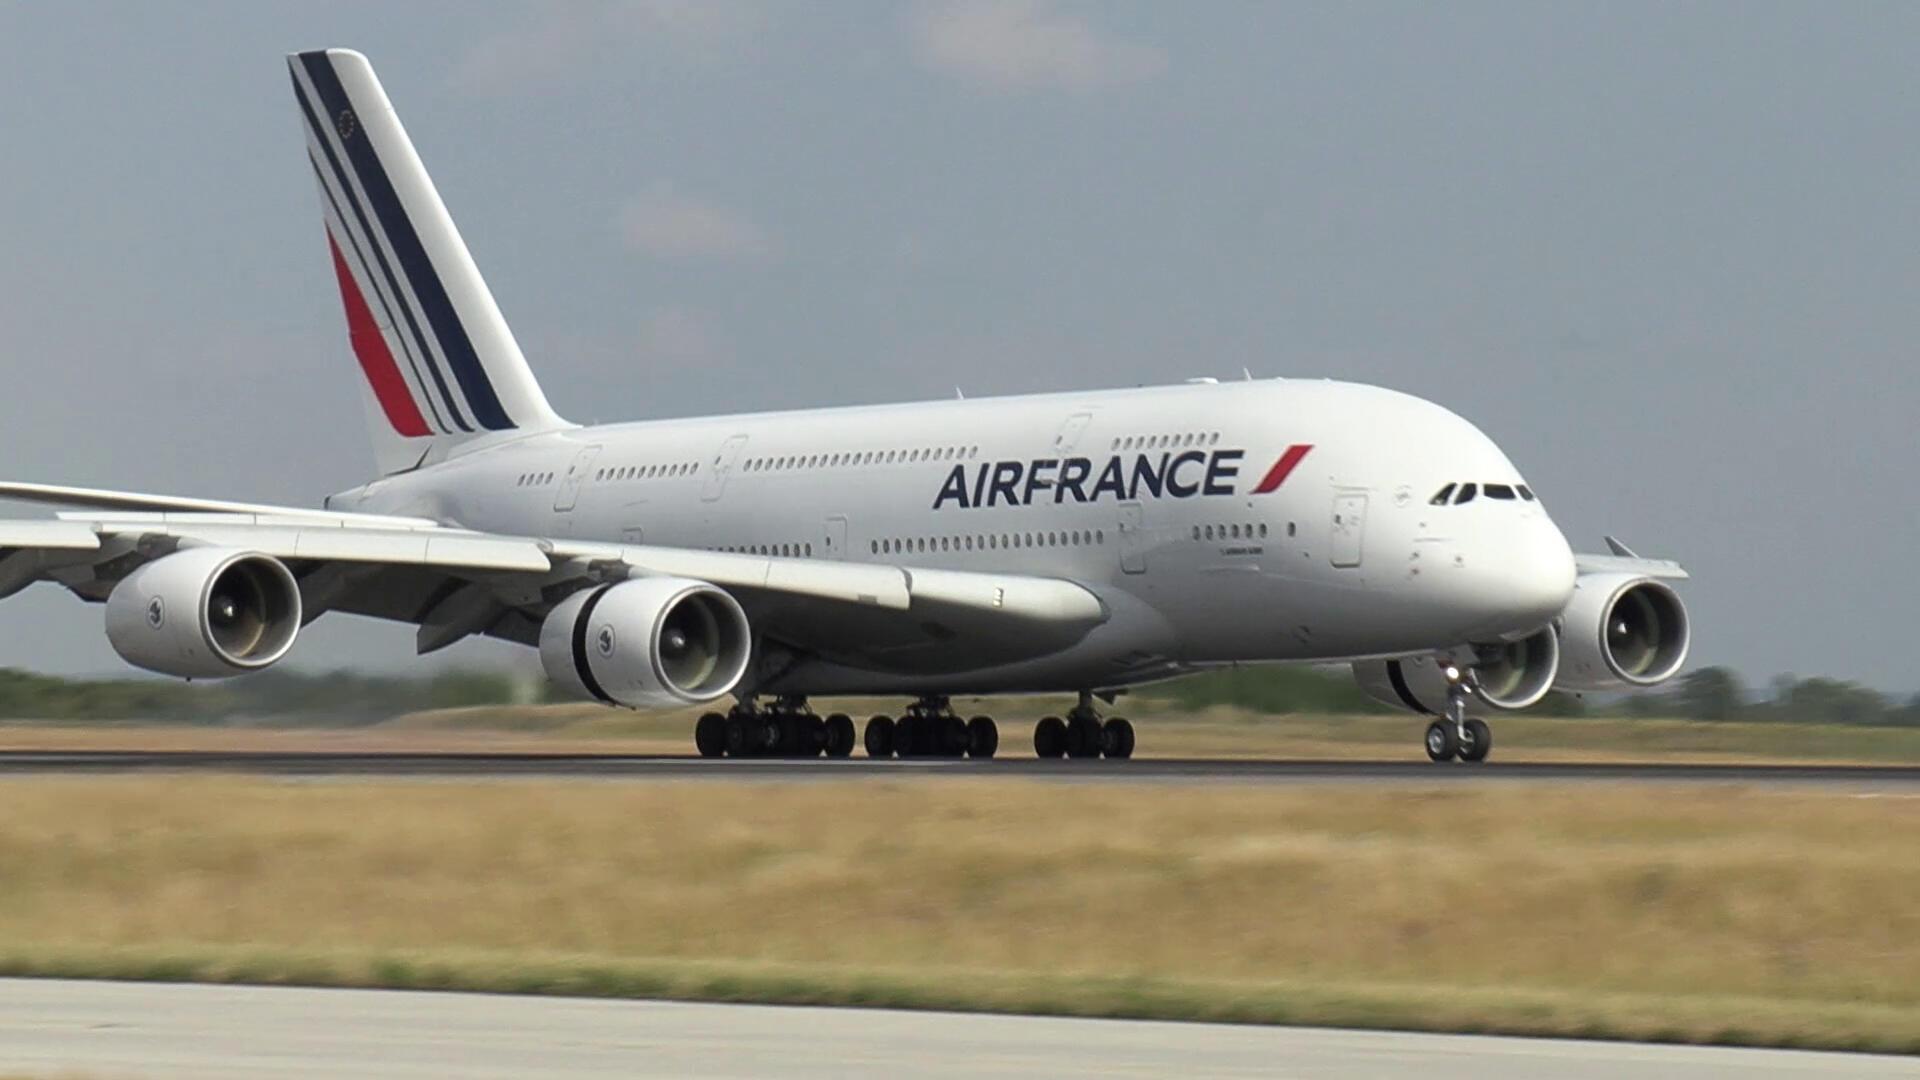 Imagen emitida por Air France el 26 de junio de 2020, que muestra un avión Airbus A380 de Air France mientras aterriza en el aeropuerto de París-Charles-de-Gaulle en Roissy-en-France durante un vuelo con la compañía